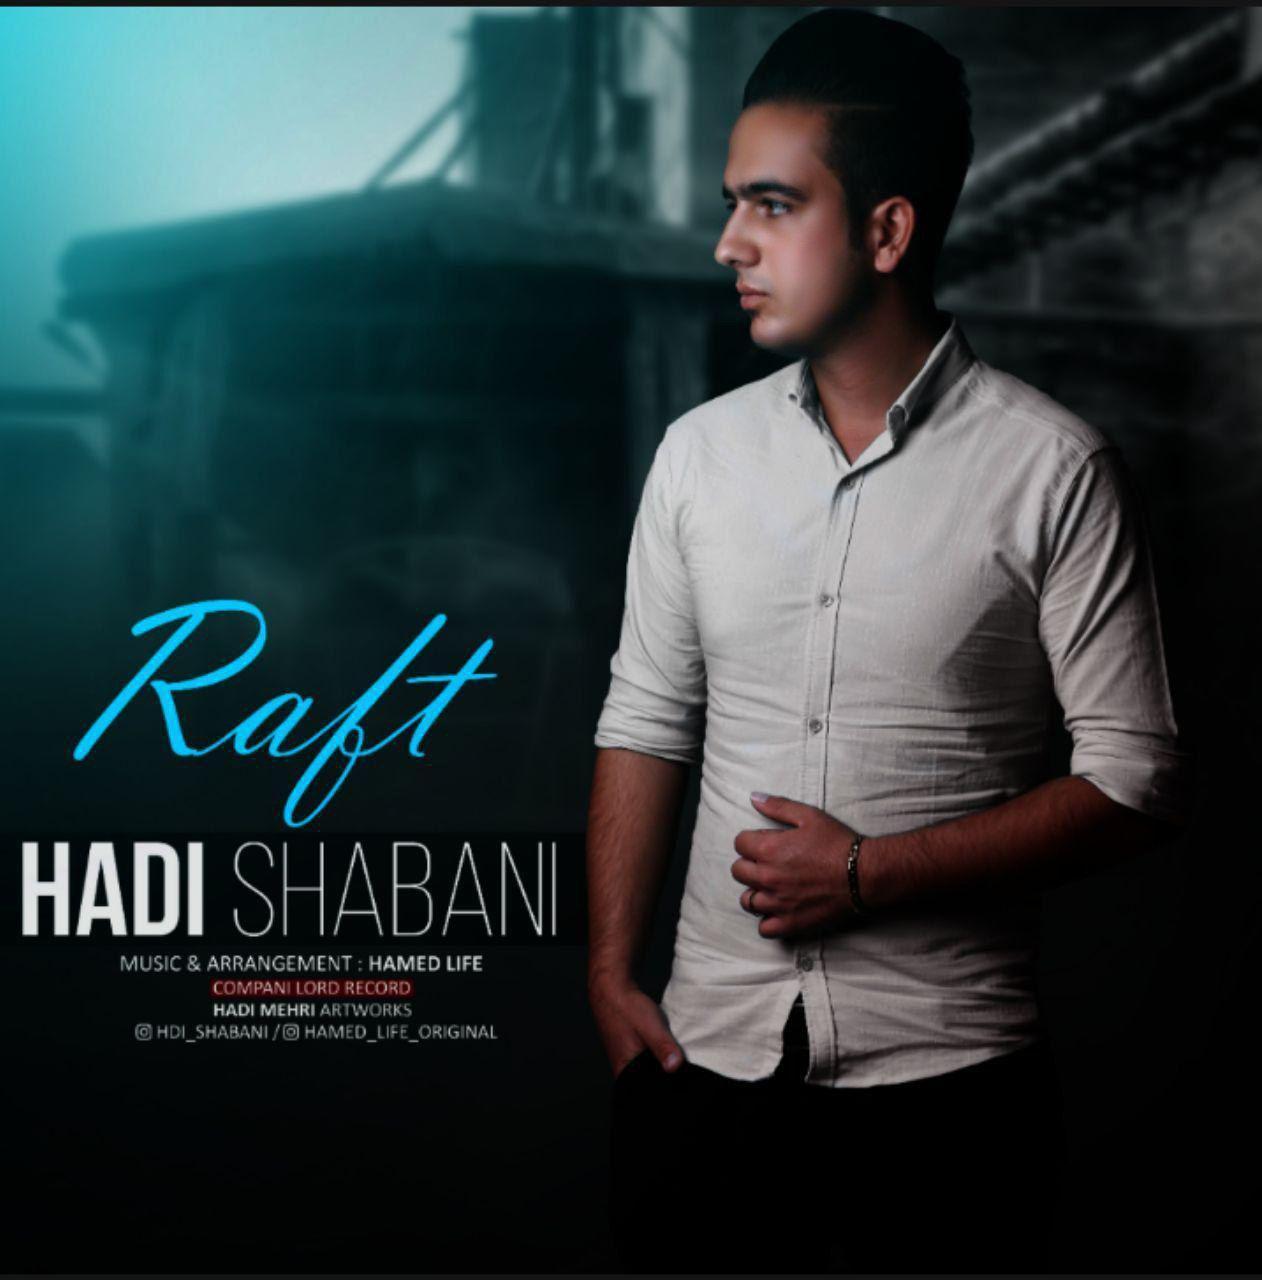 Hadi Shabani - Raft